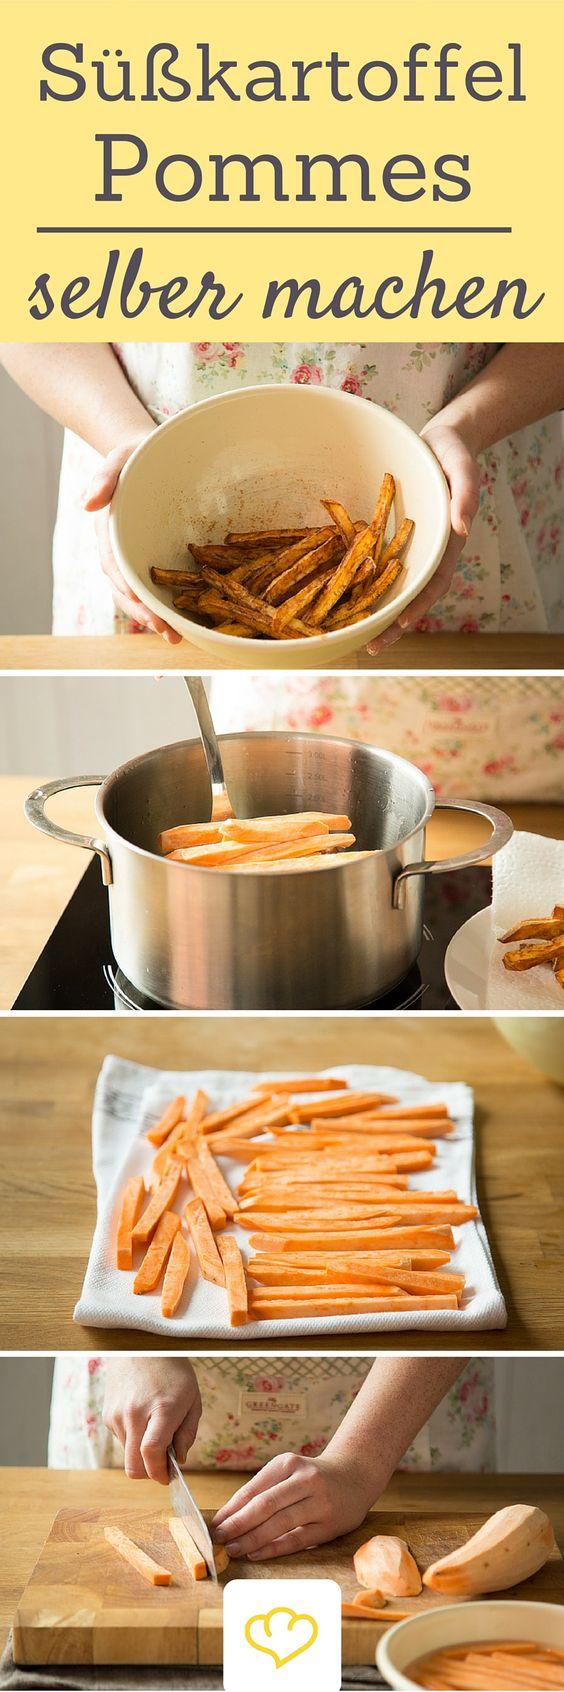 So kann nichts mehr schief gehen: Schritt für Schritt erklärt wie du knusprige Süßkartoffel-Pommes ganz einfach selber machen kannst!